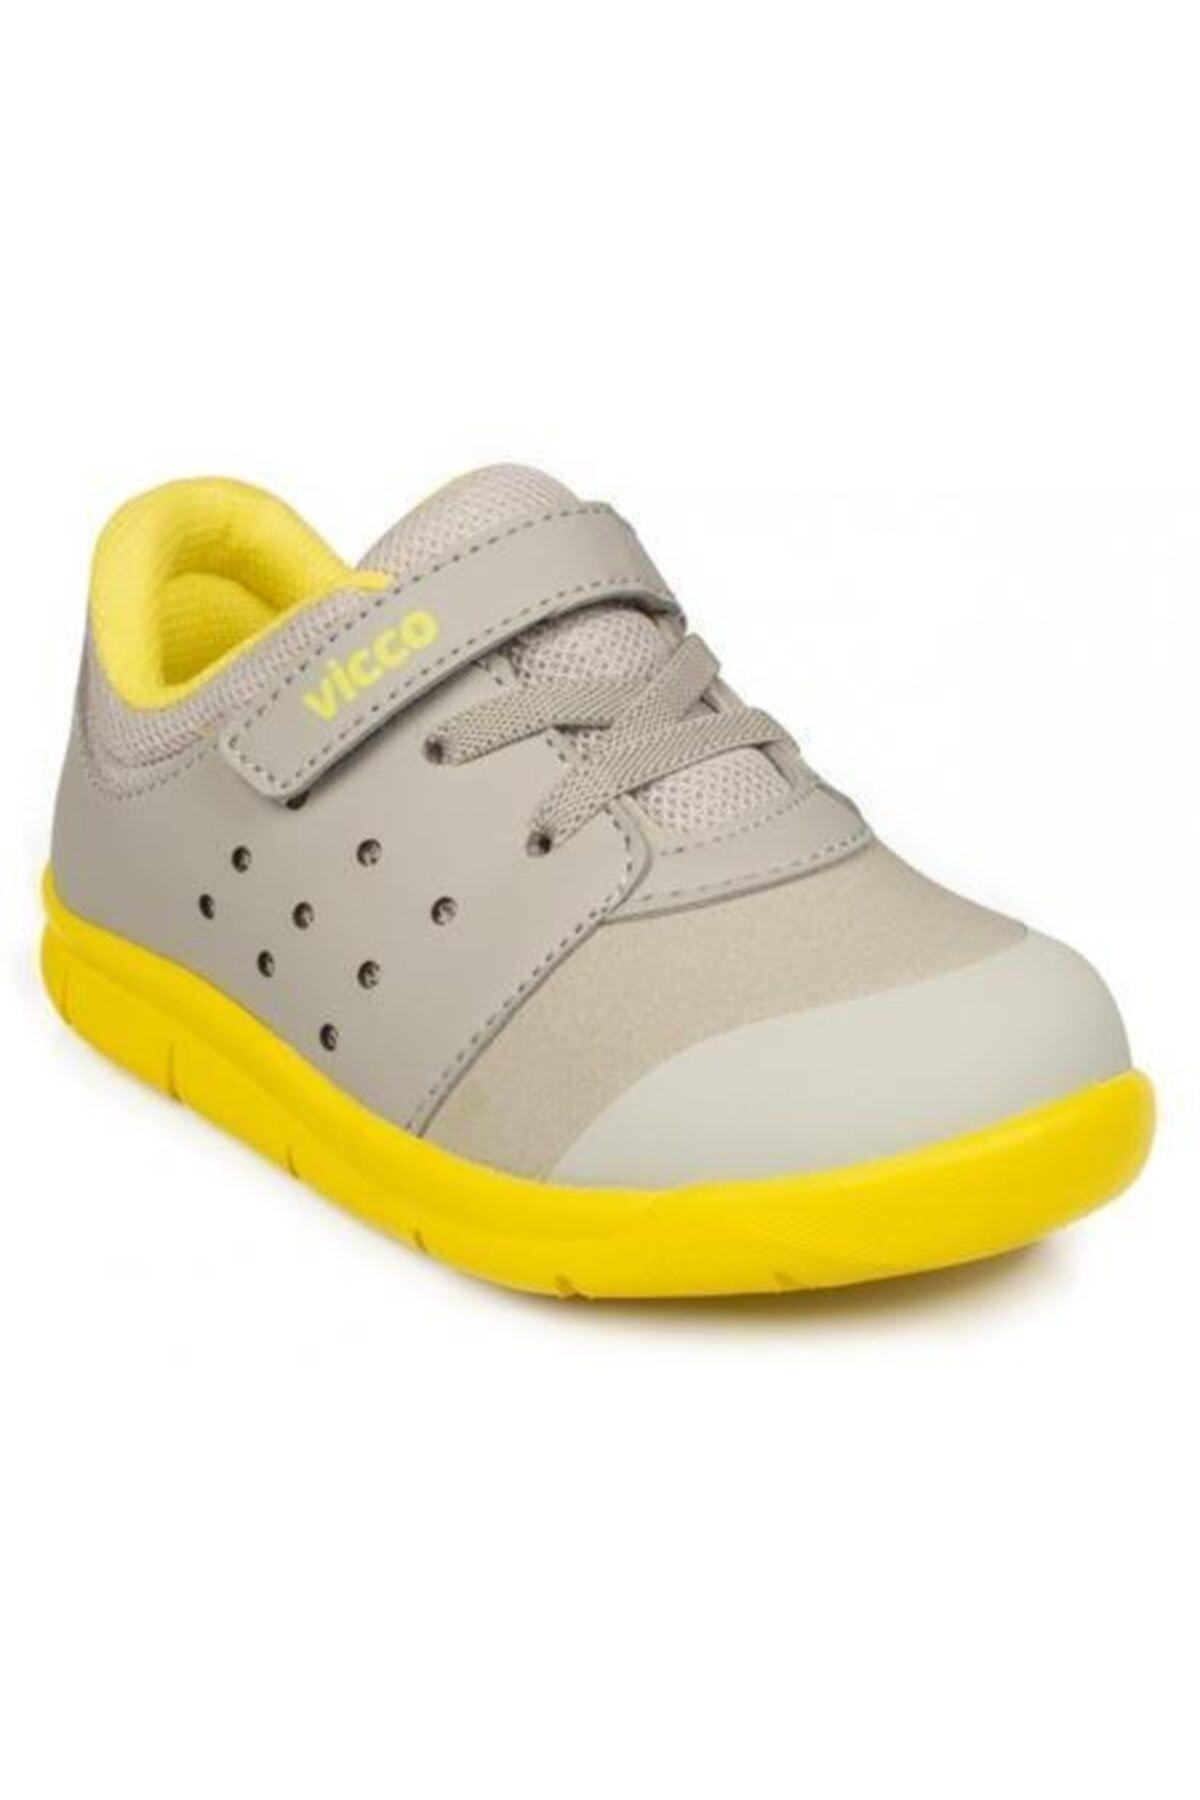 Vicco Cocuk Spor Ayakkabısı 1